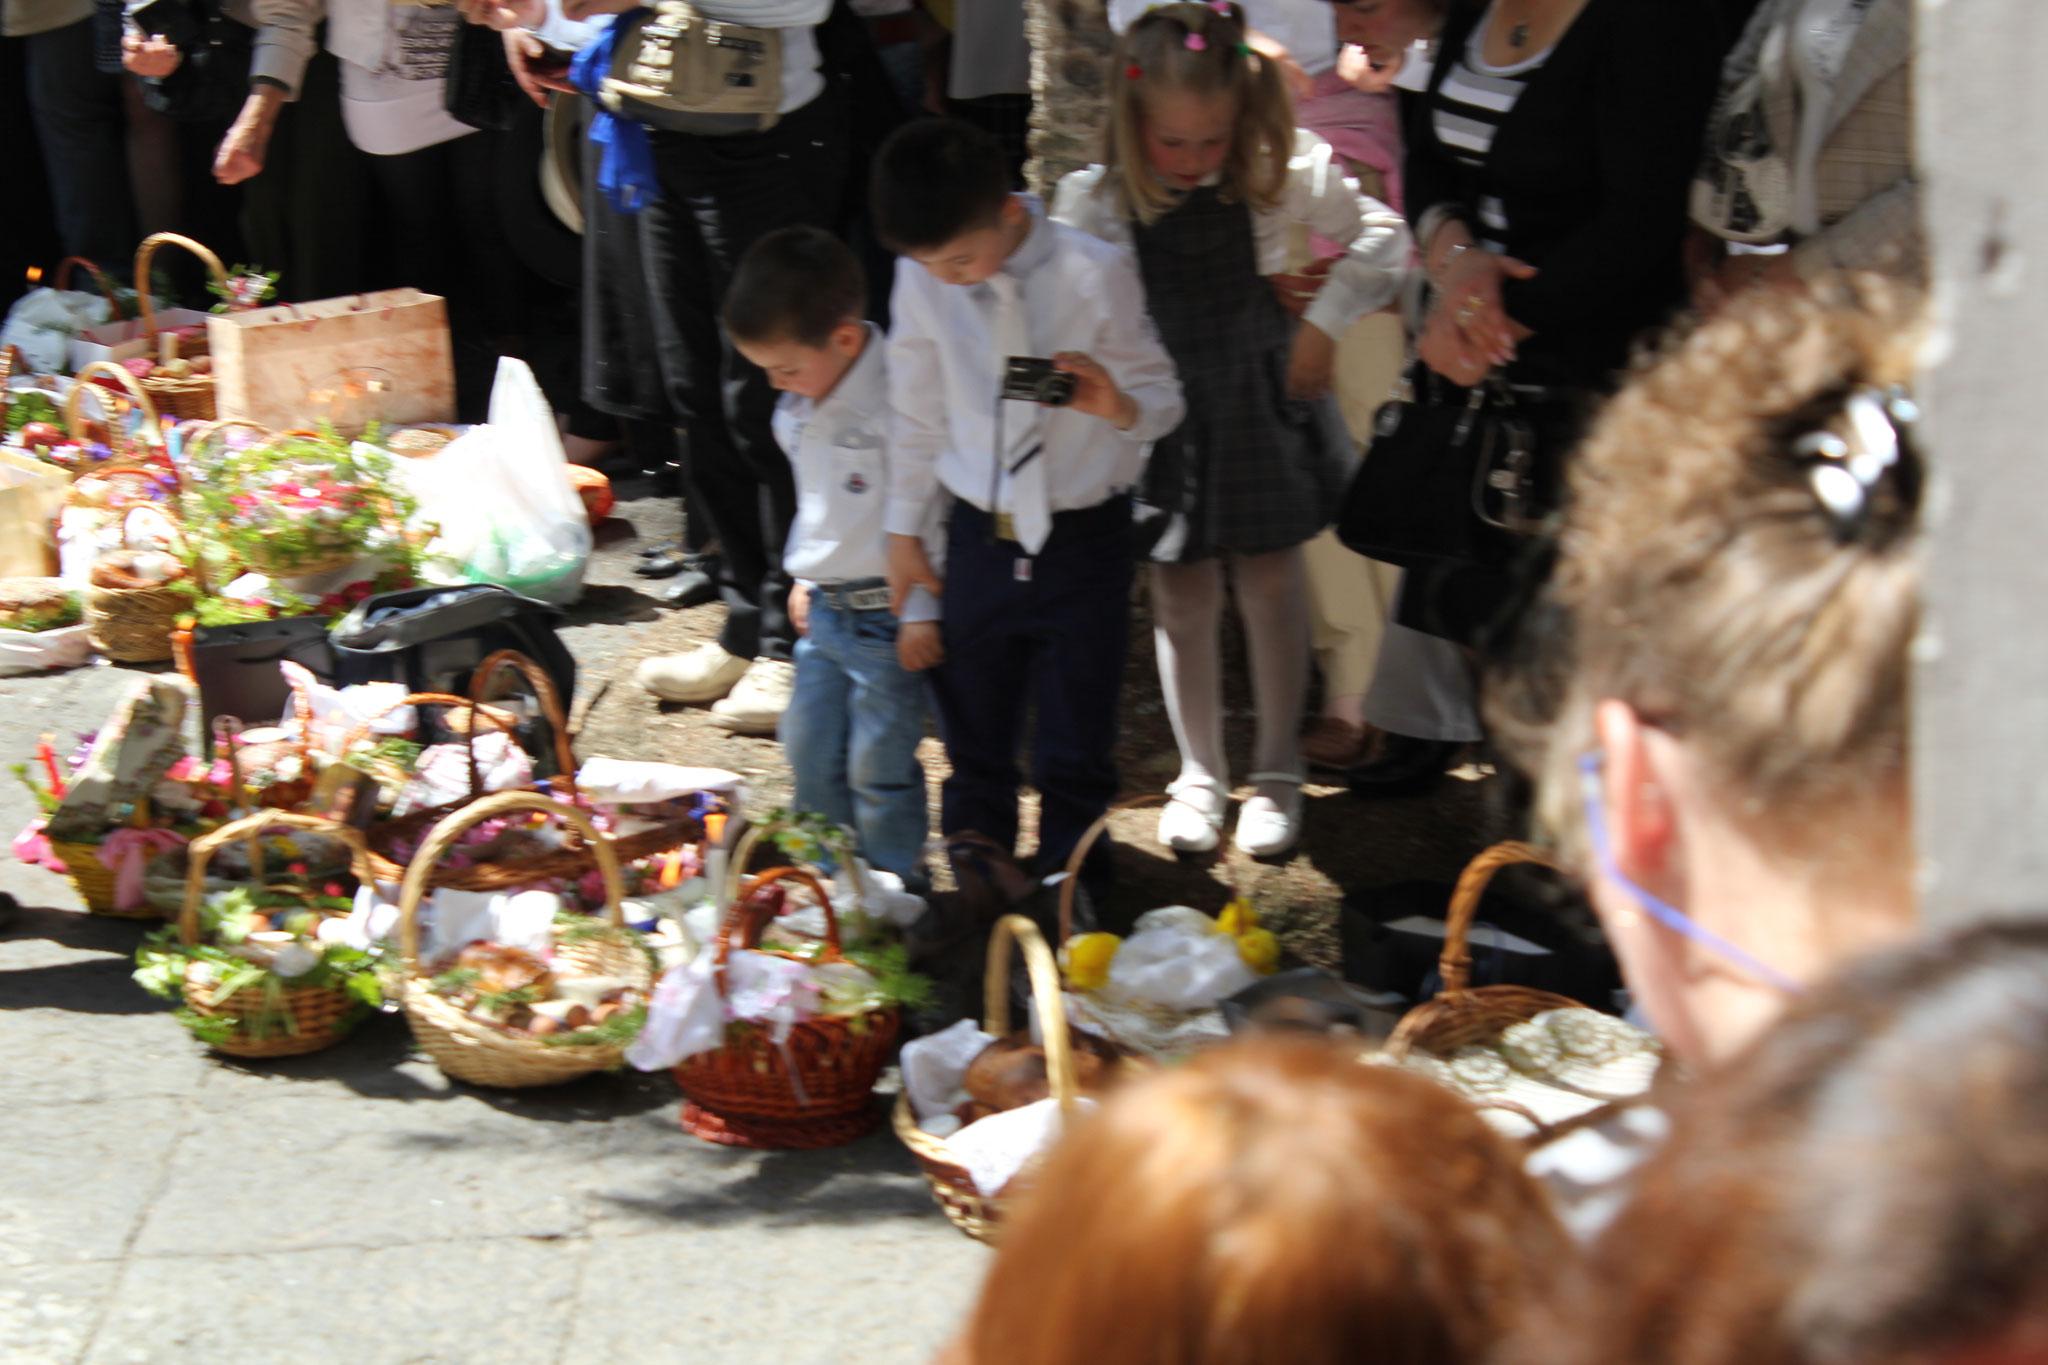 Im Vorhof einer Kirche trafen sich die Gläubigen mit Körben voll von Brot, Gemüse und Früchten.